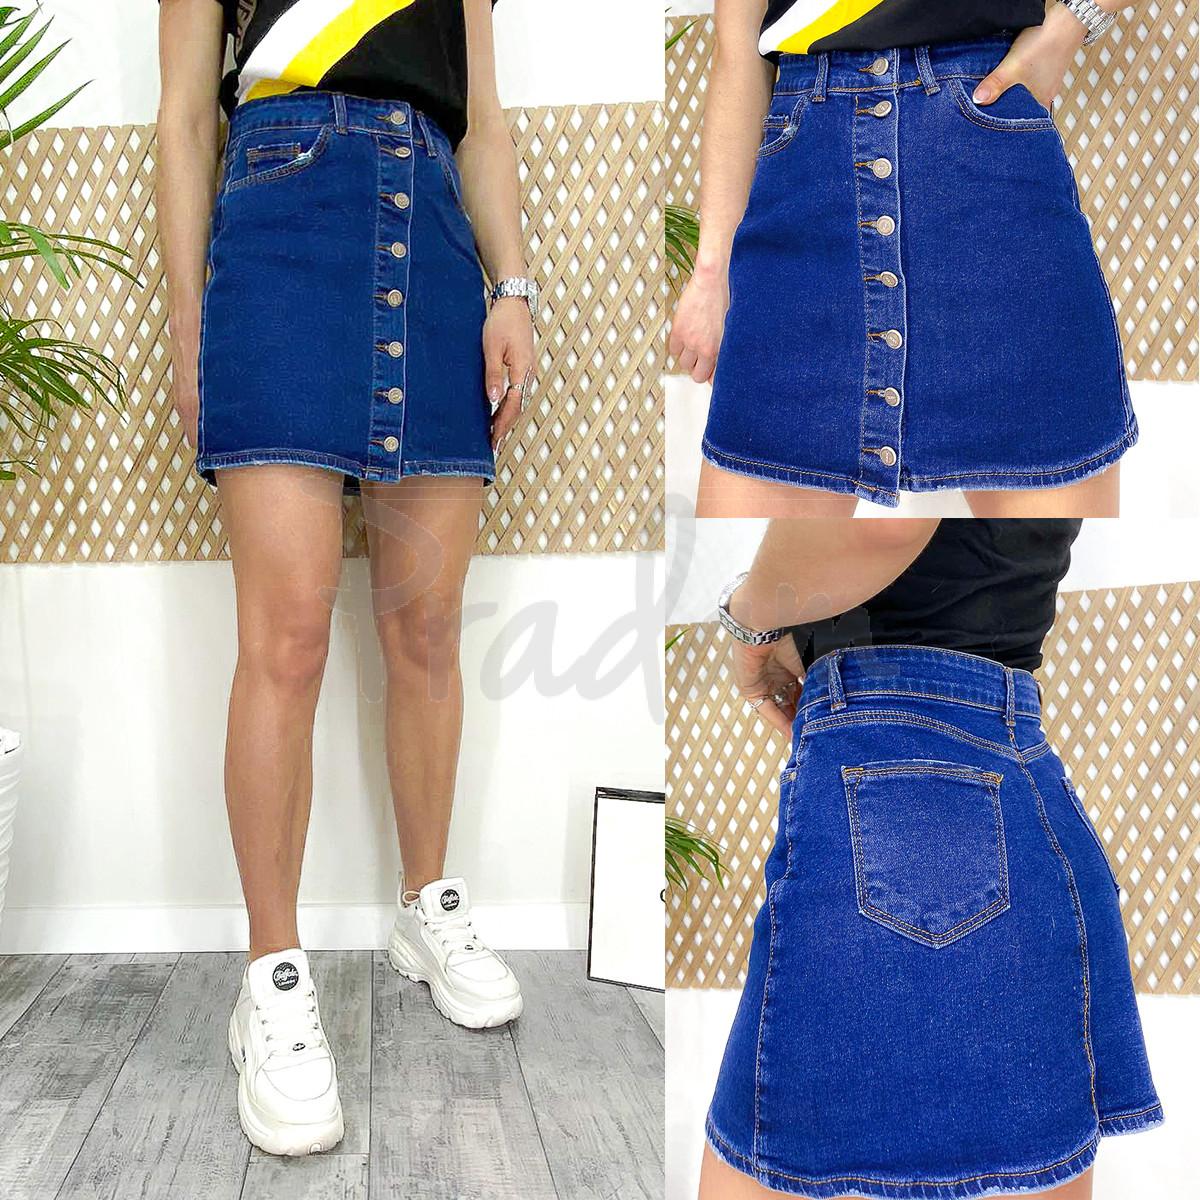 0590 Arox юбка джинсовая на пуговицах синяя весенняя стрейчевая (34-40, евро, 4 ед.)